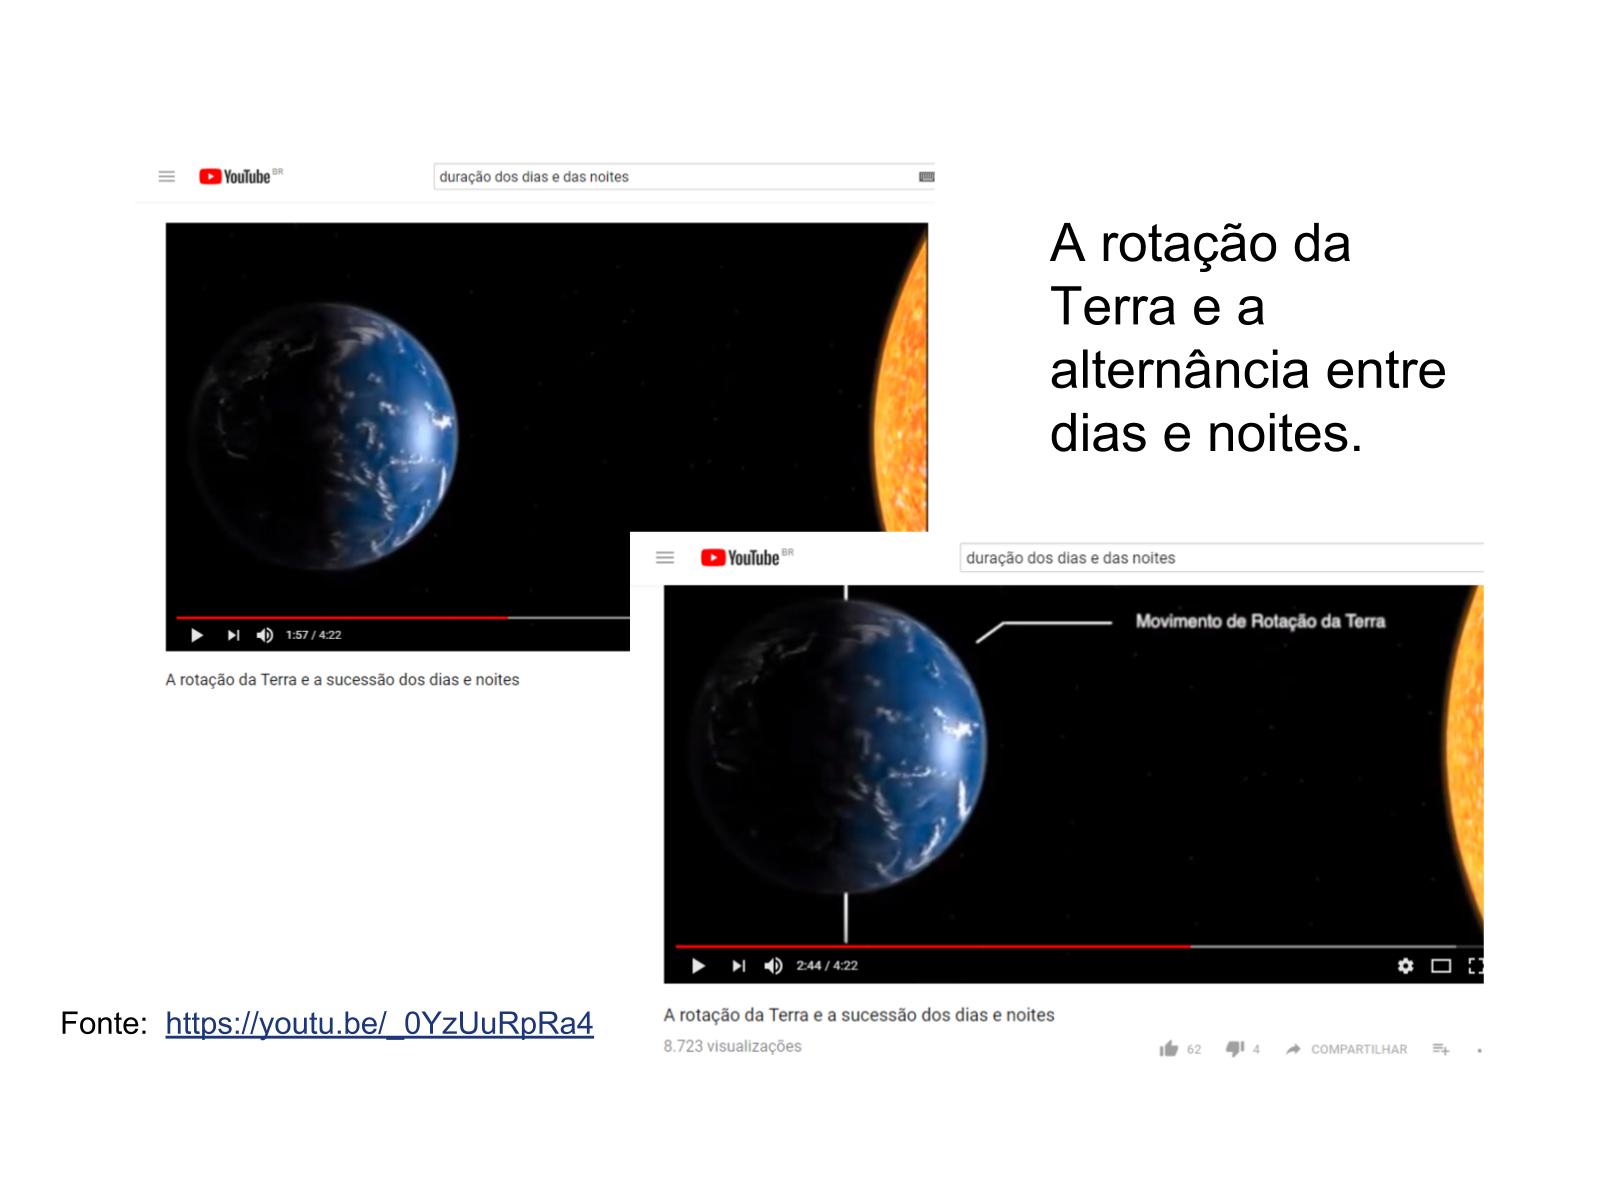 Duração dos dias e das noites no planeta Terra